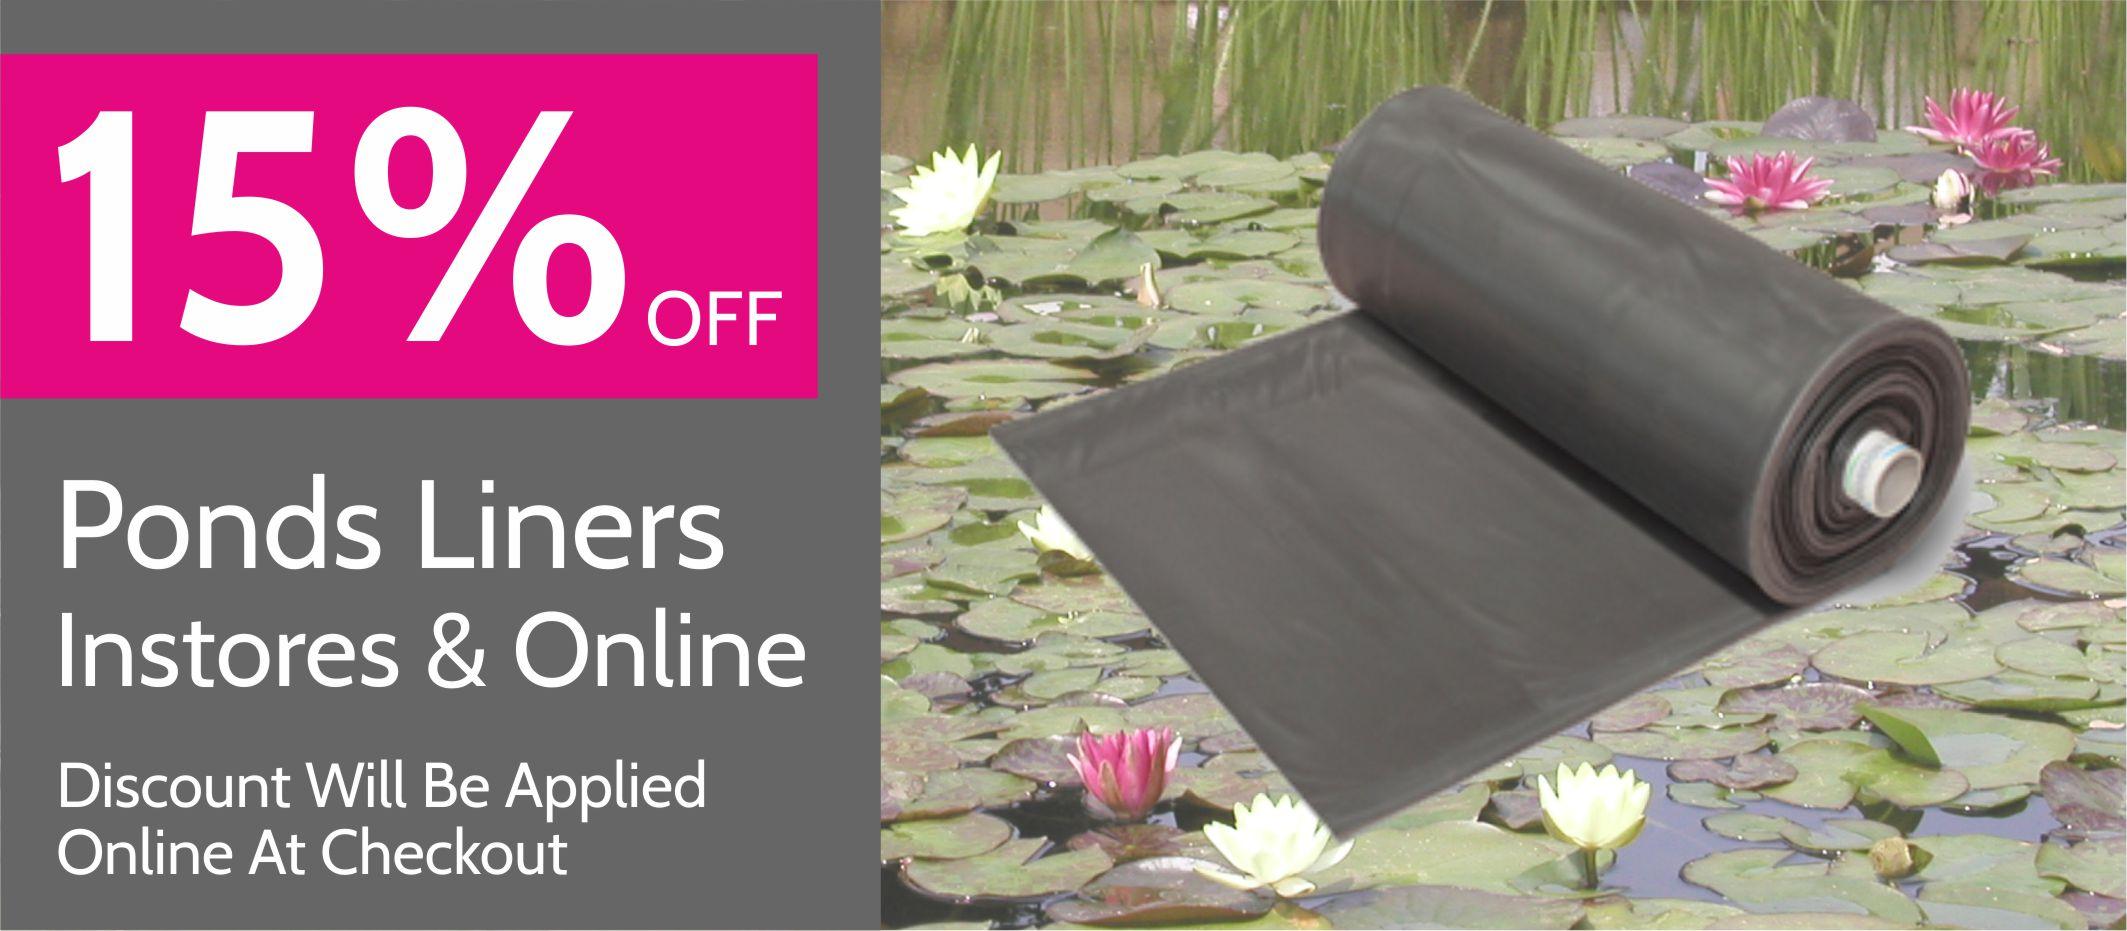 pond-liner-sale.jpg